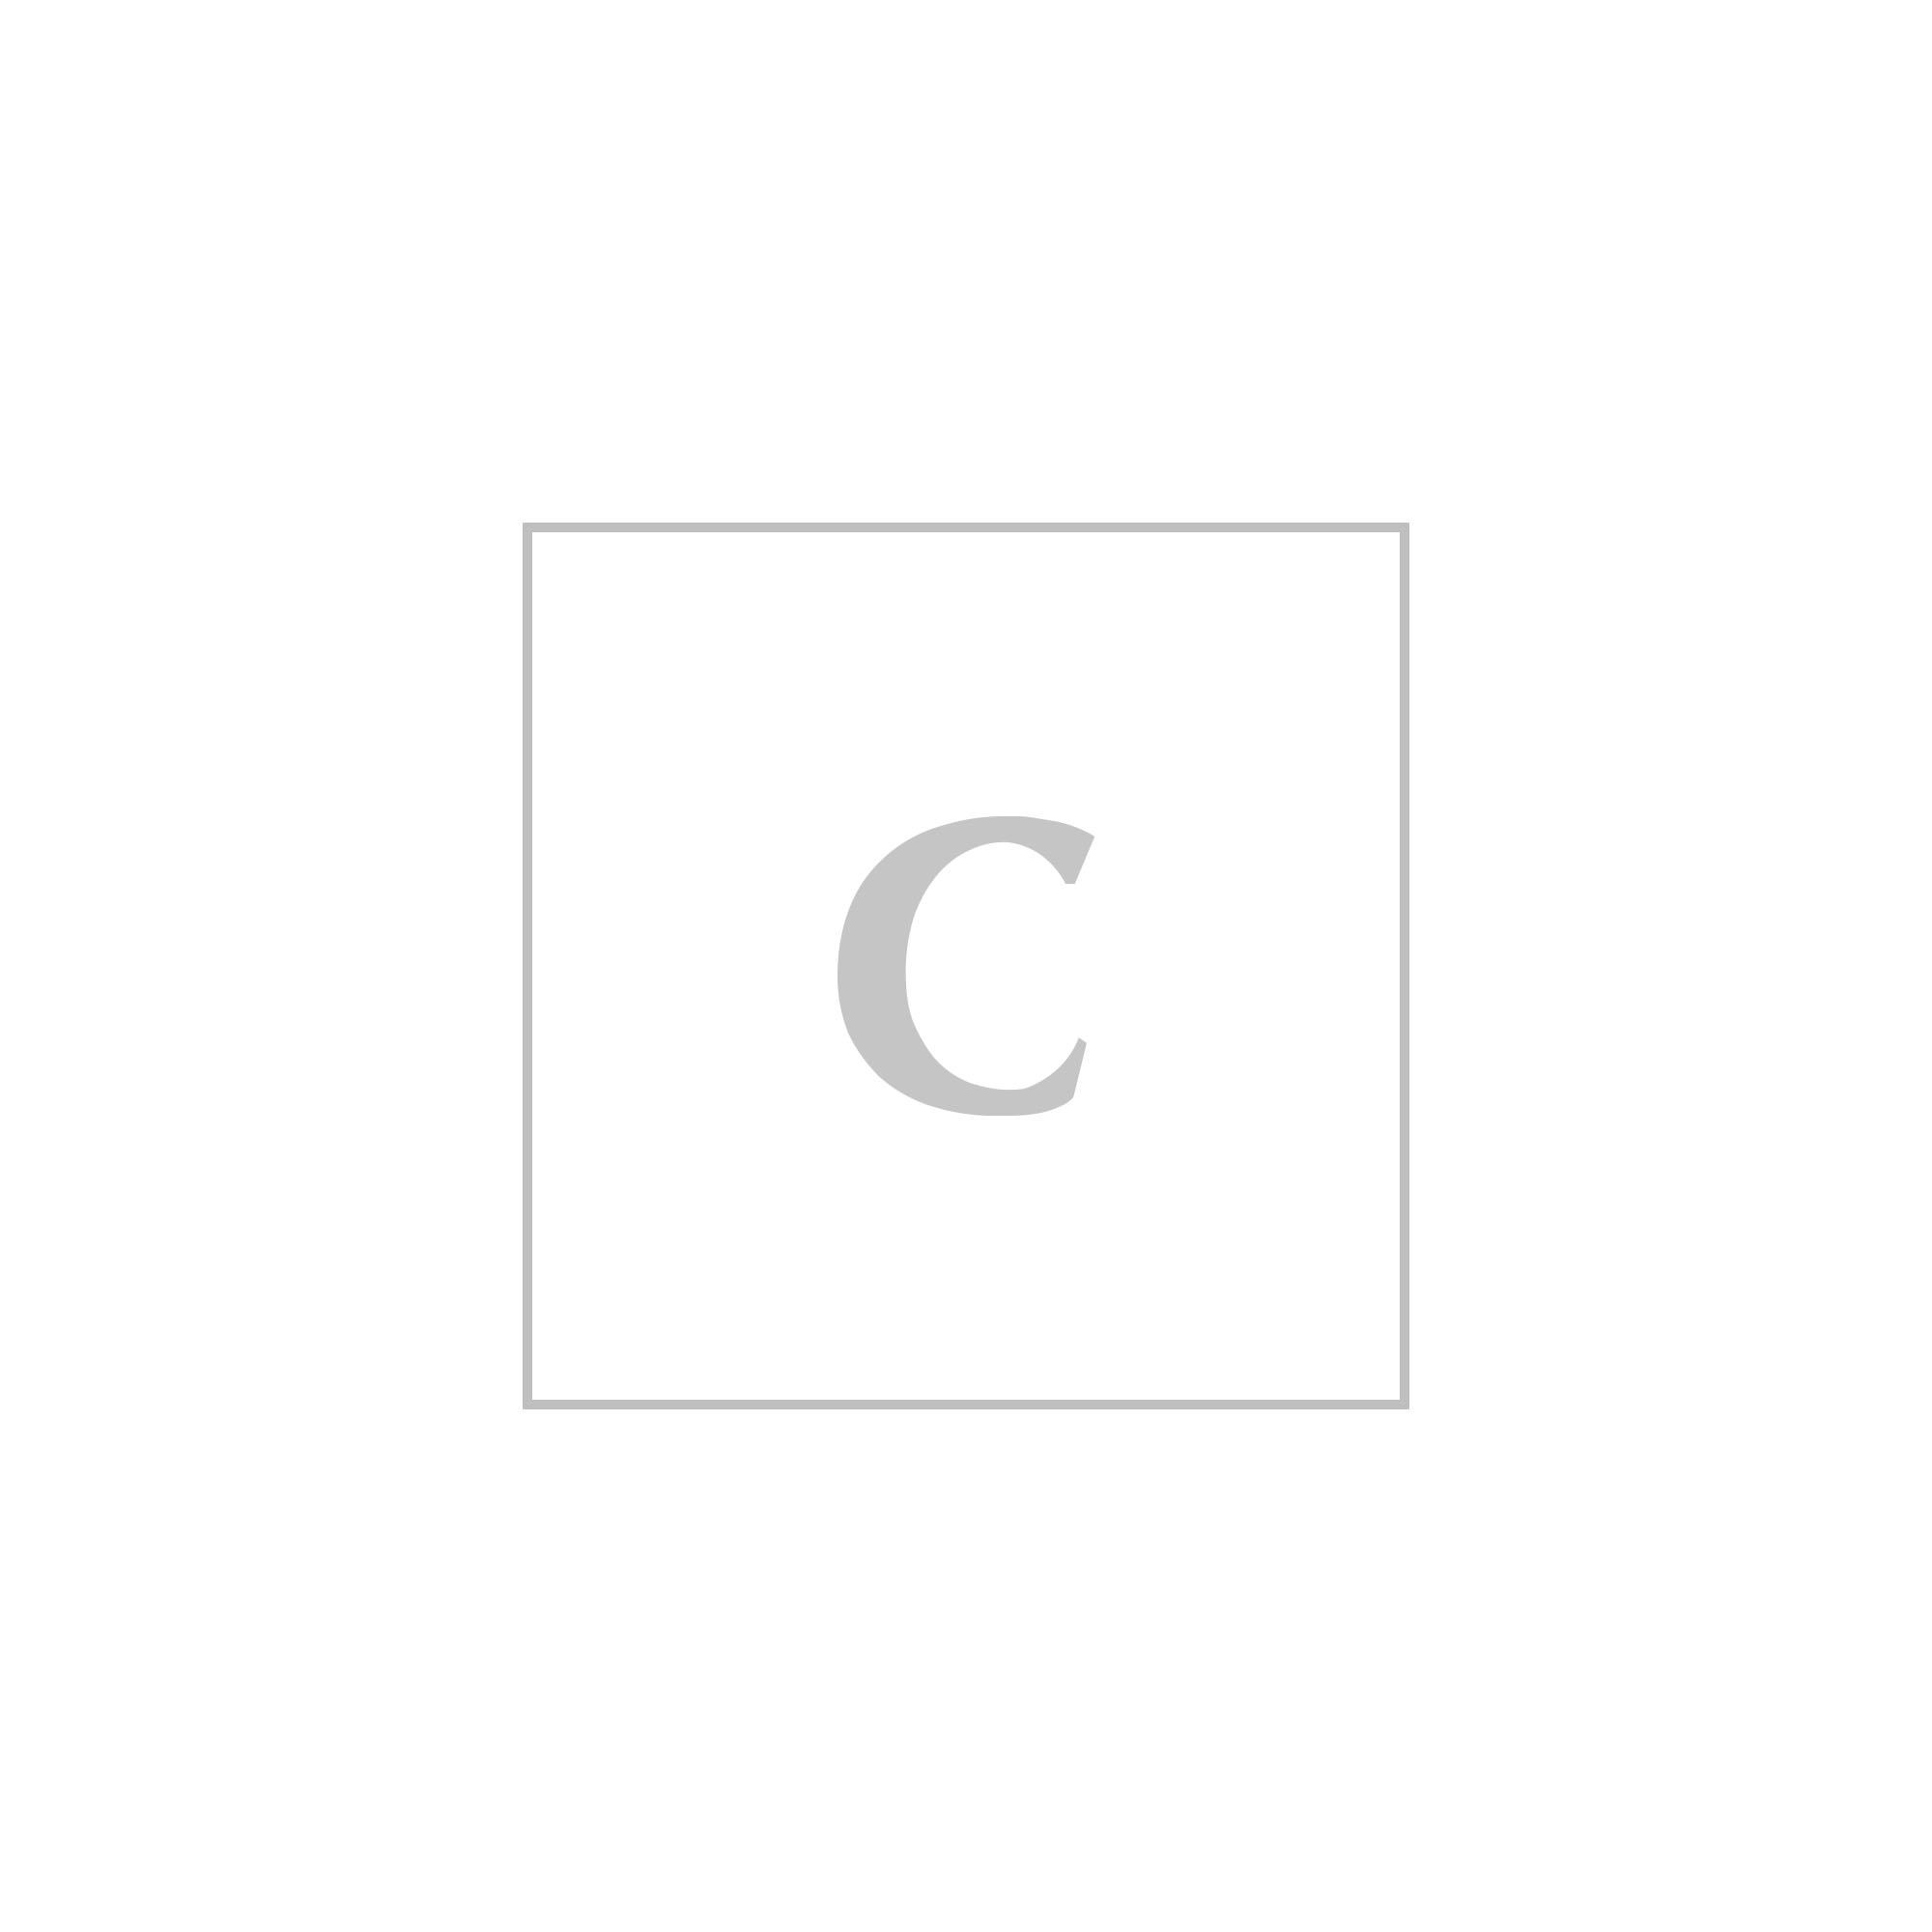 Moncler gamme rouge/bleu giaccone crocus